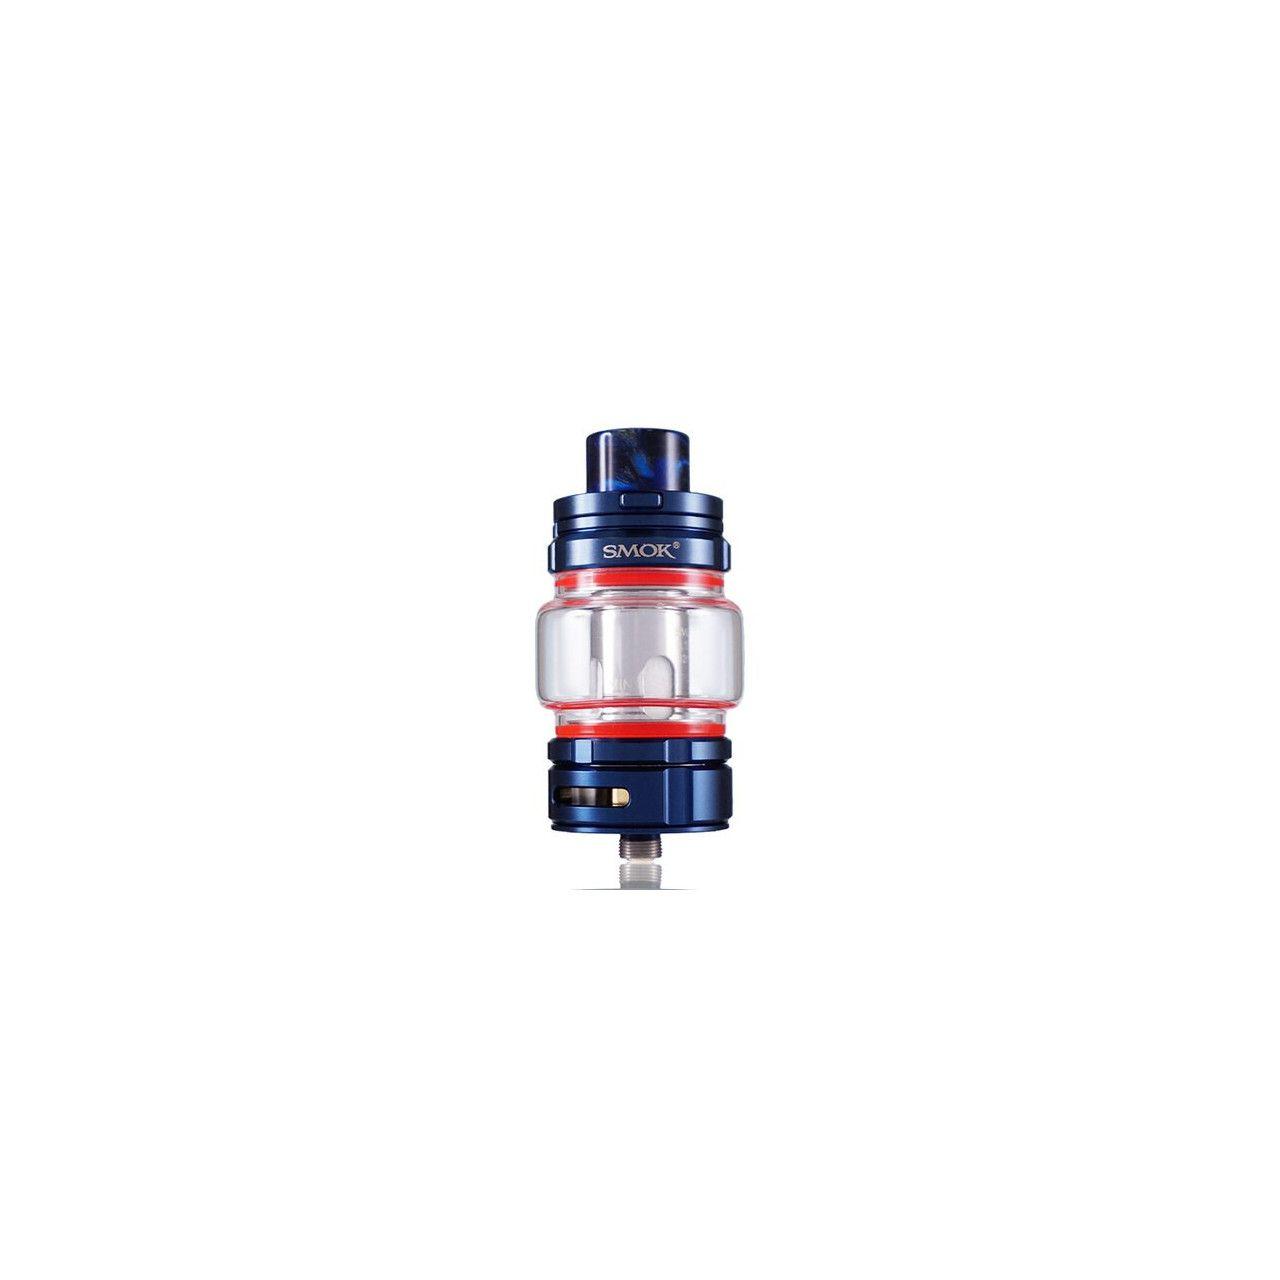 Atomizador - Smok - TFV16 Mesh Tank Smok - 2